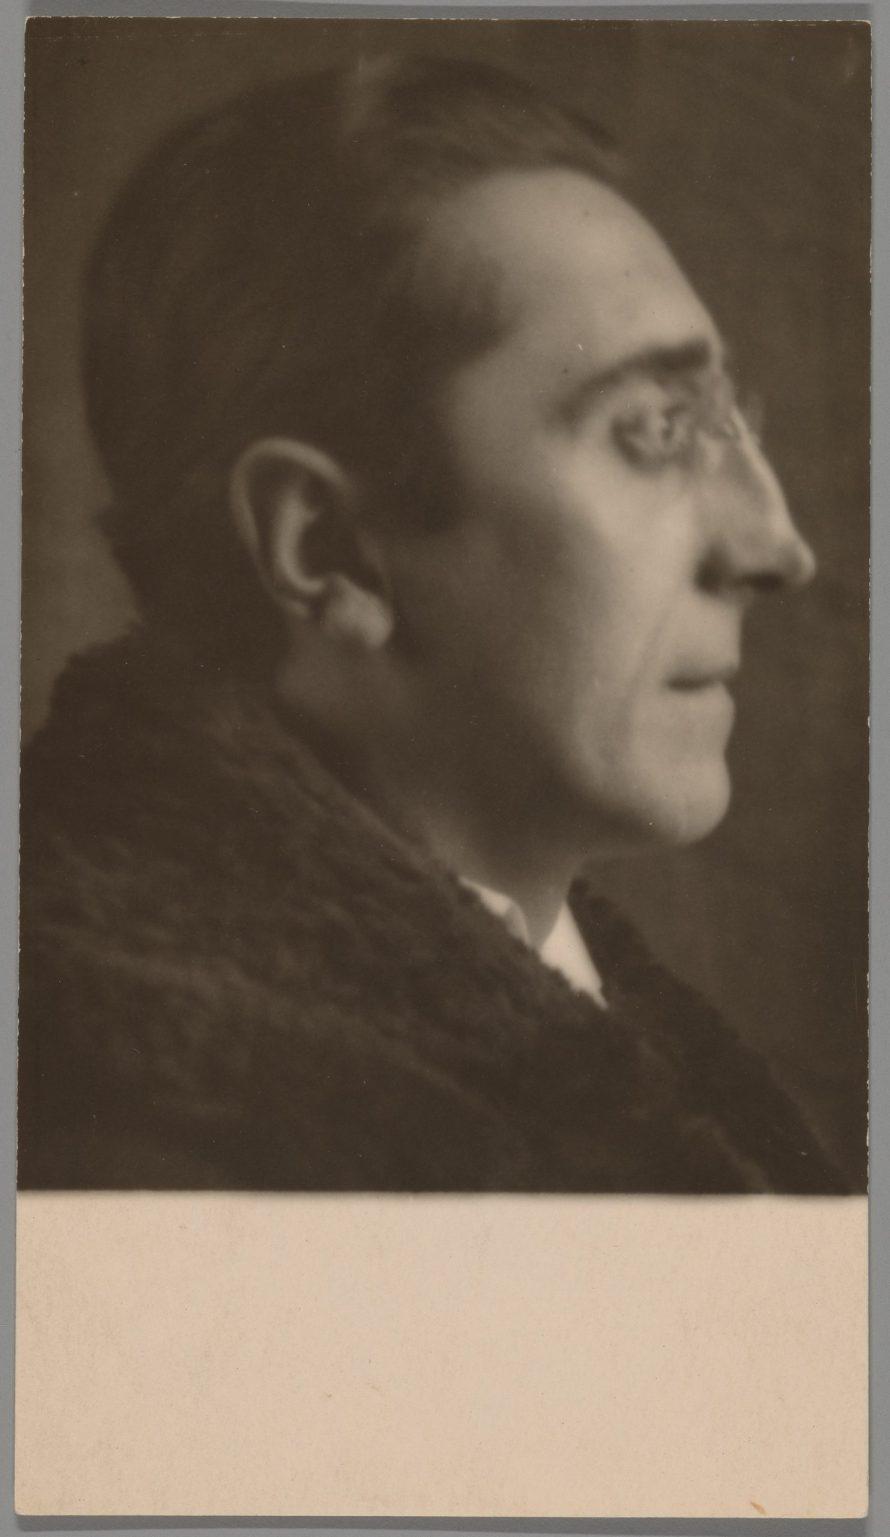 Fotó: André Kertész: Paul Dermée, 1927.<br> The Art Institute of Chicago, gift of Nicholas and Susan Pritzker. © Estate of André Kertész 2021.